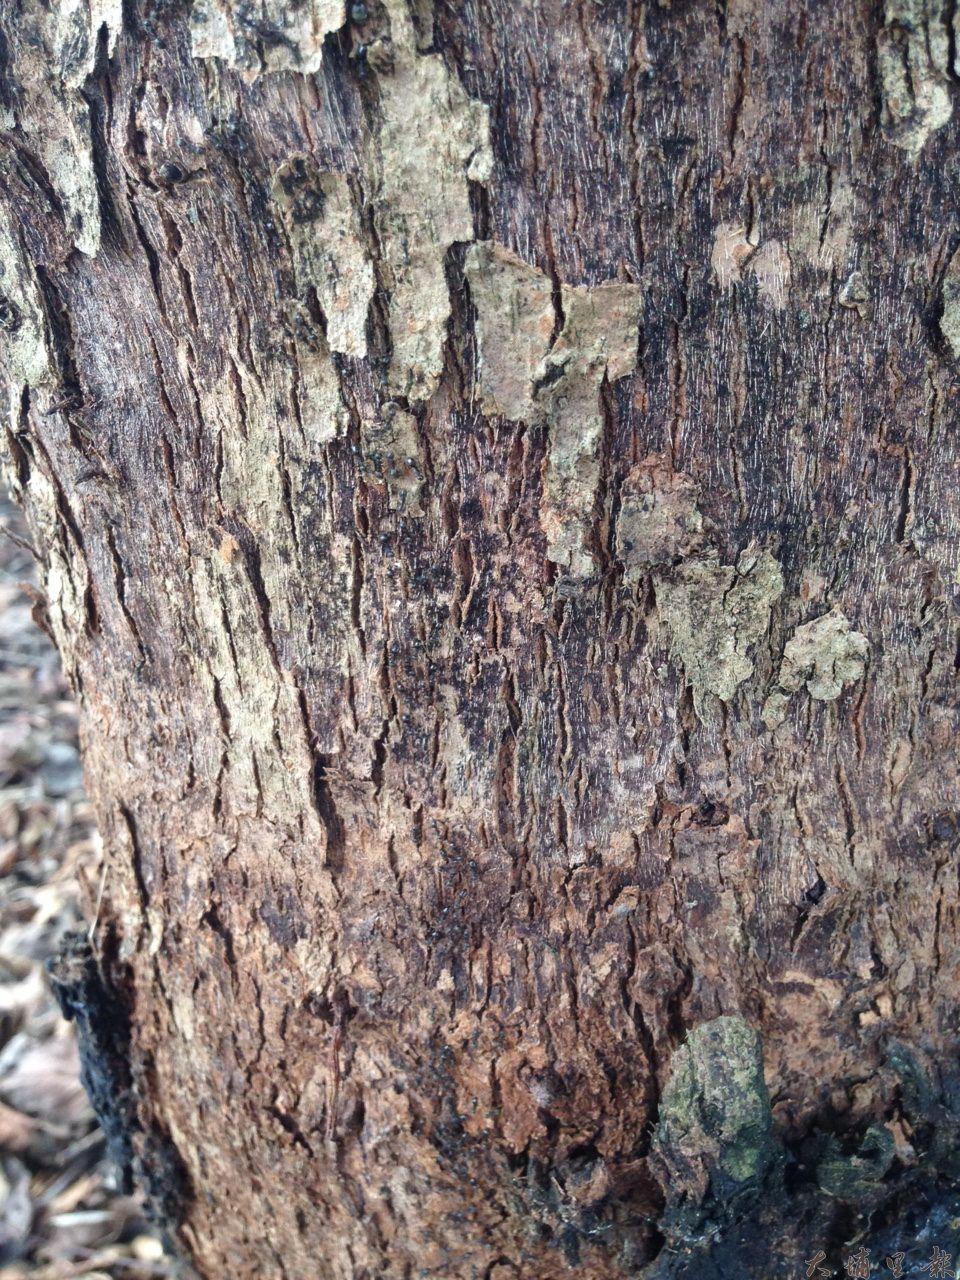 同聲里、清新里有里民指南安路茄苳樹造成蟻害,但護樹人士指出那是因為樹木環境不健康所致。(柏原祥攝)